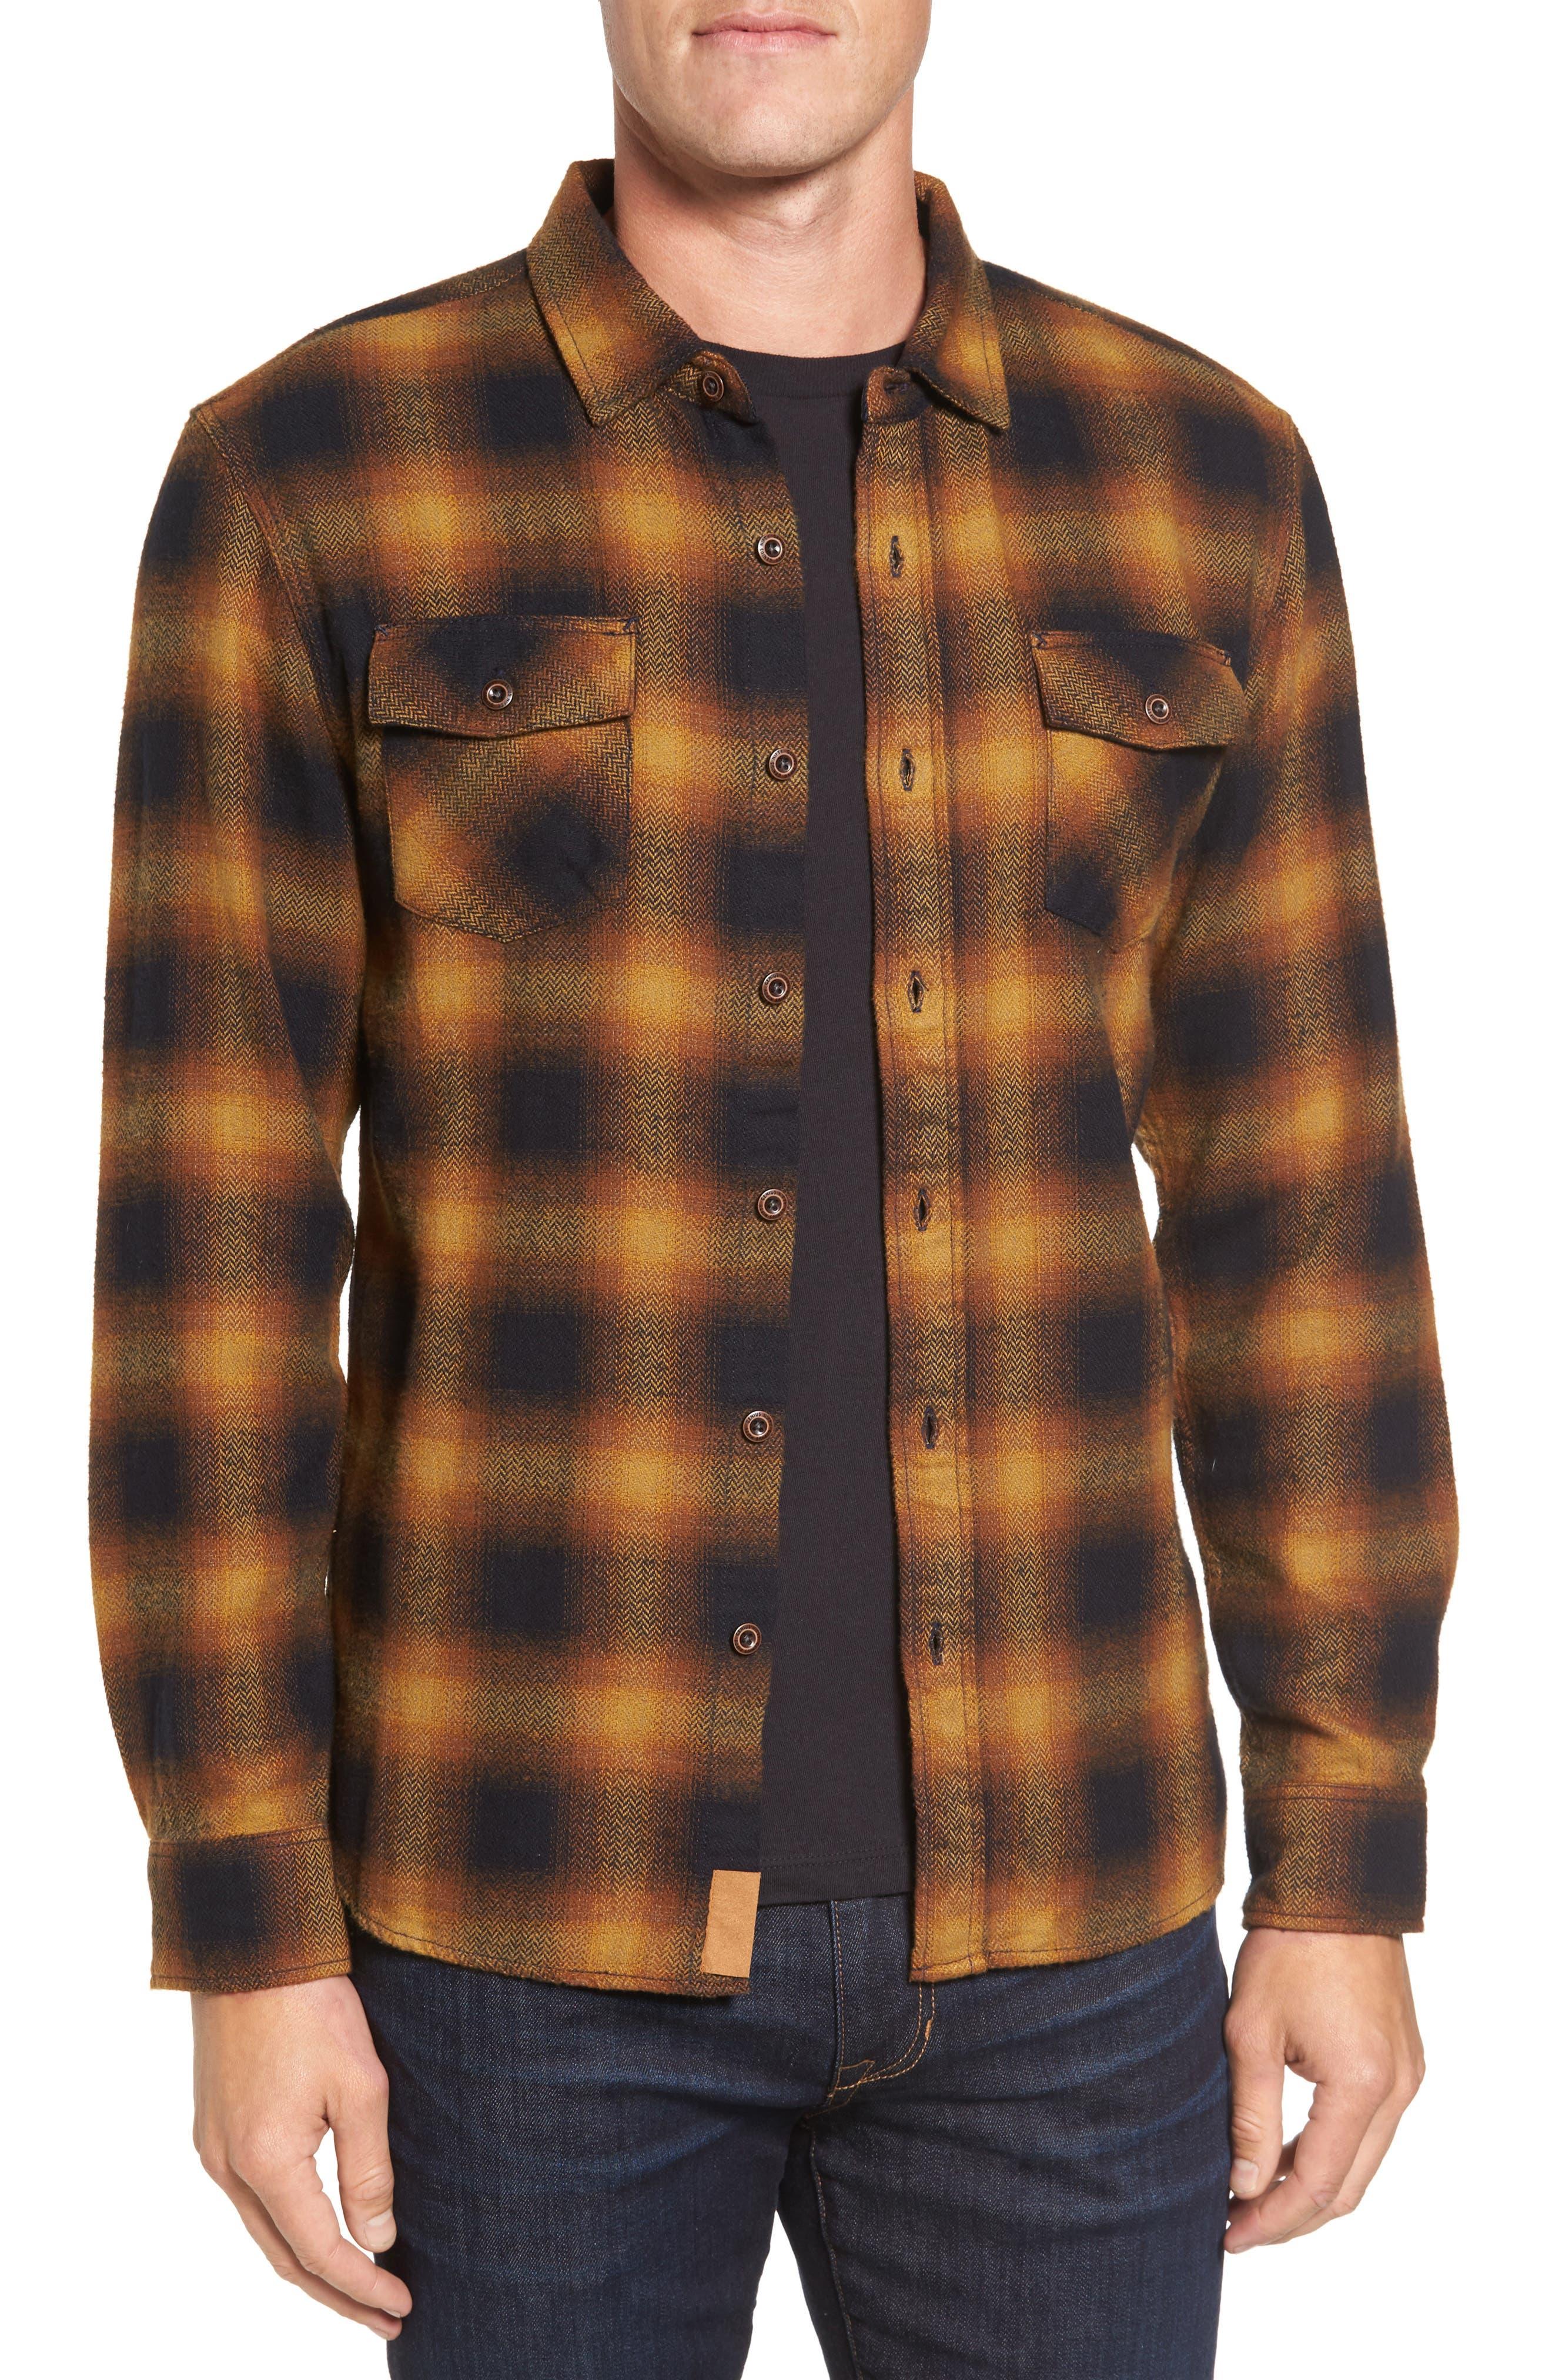 Truman Check Herringbone Shirt,                         Main,                         color, 200